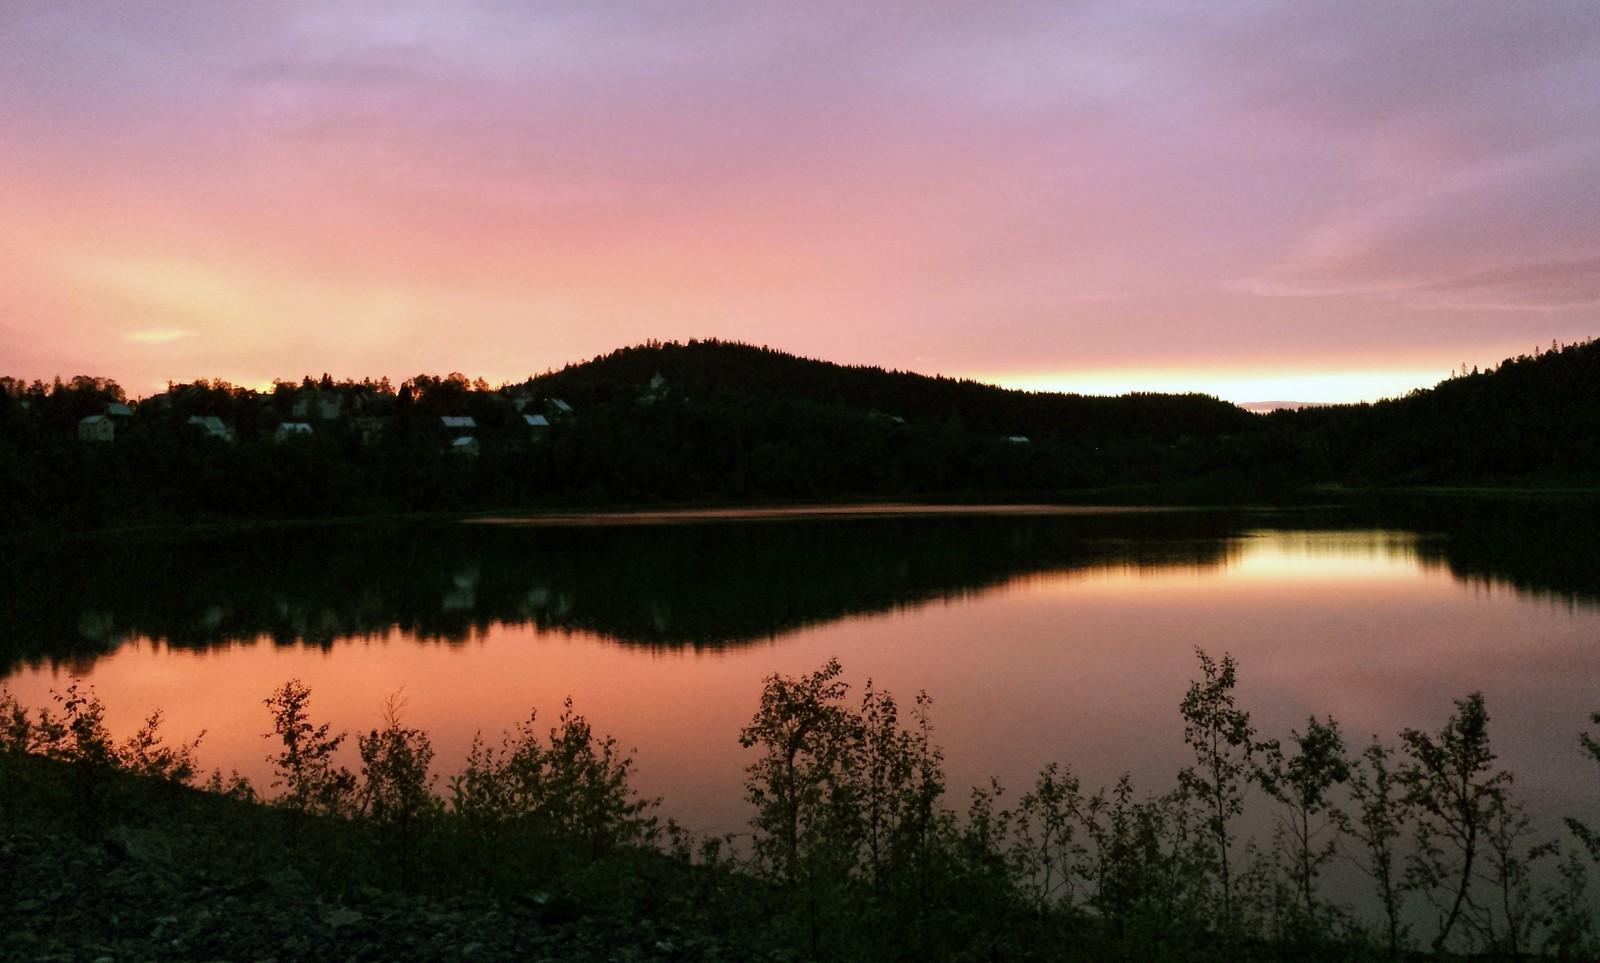 Solnedgang ved Bjørnlivatnet, Løkken Verk